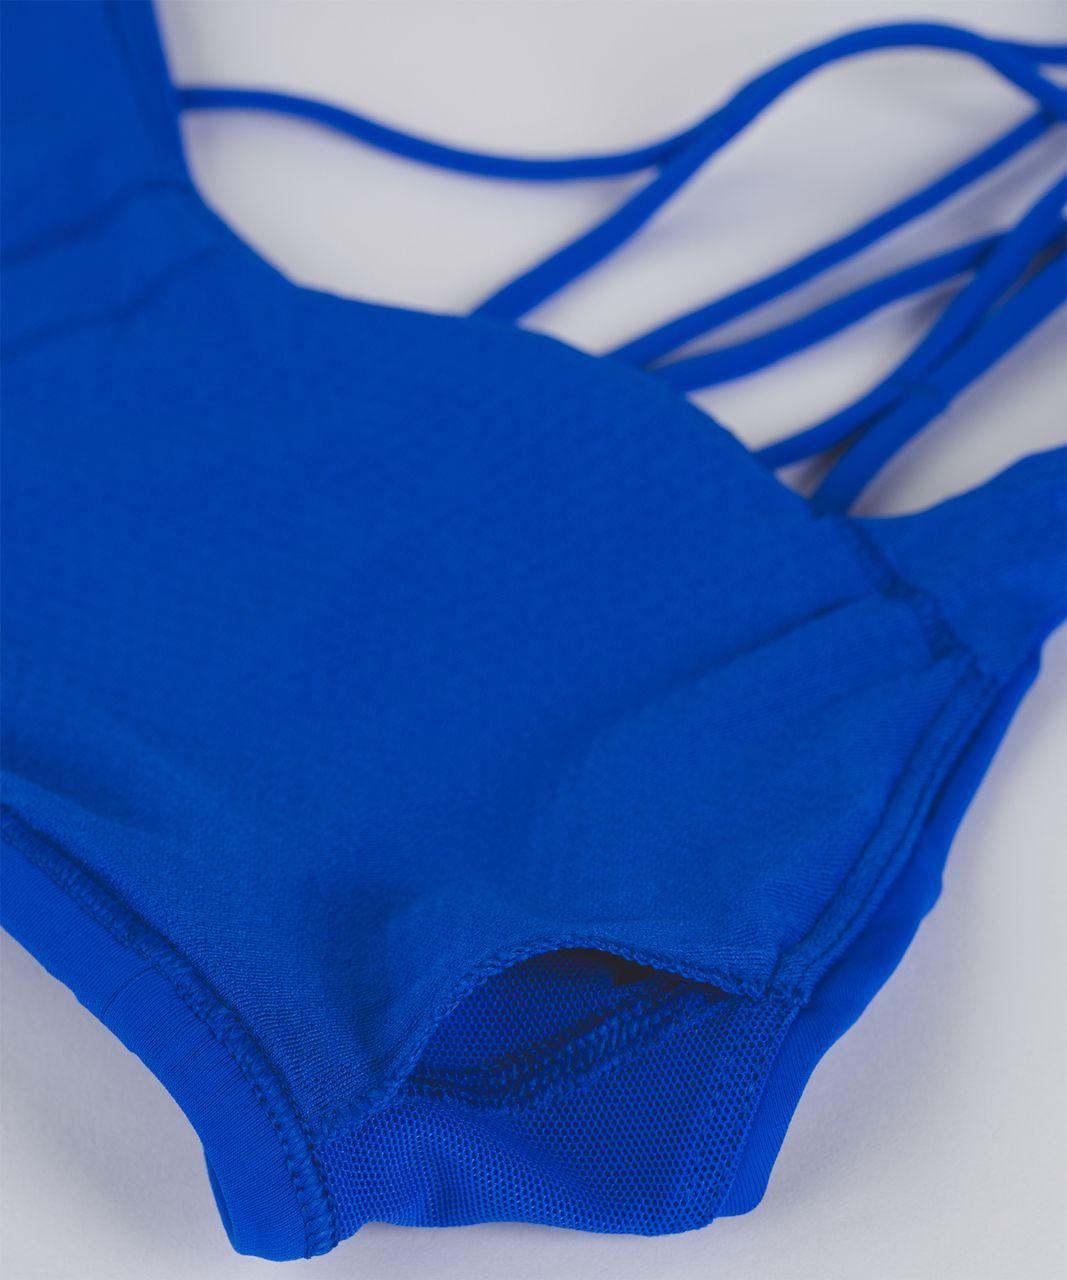 Lululemon Free To Be Zen Bra - Cerulean Blue